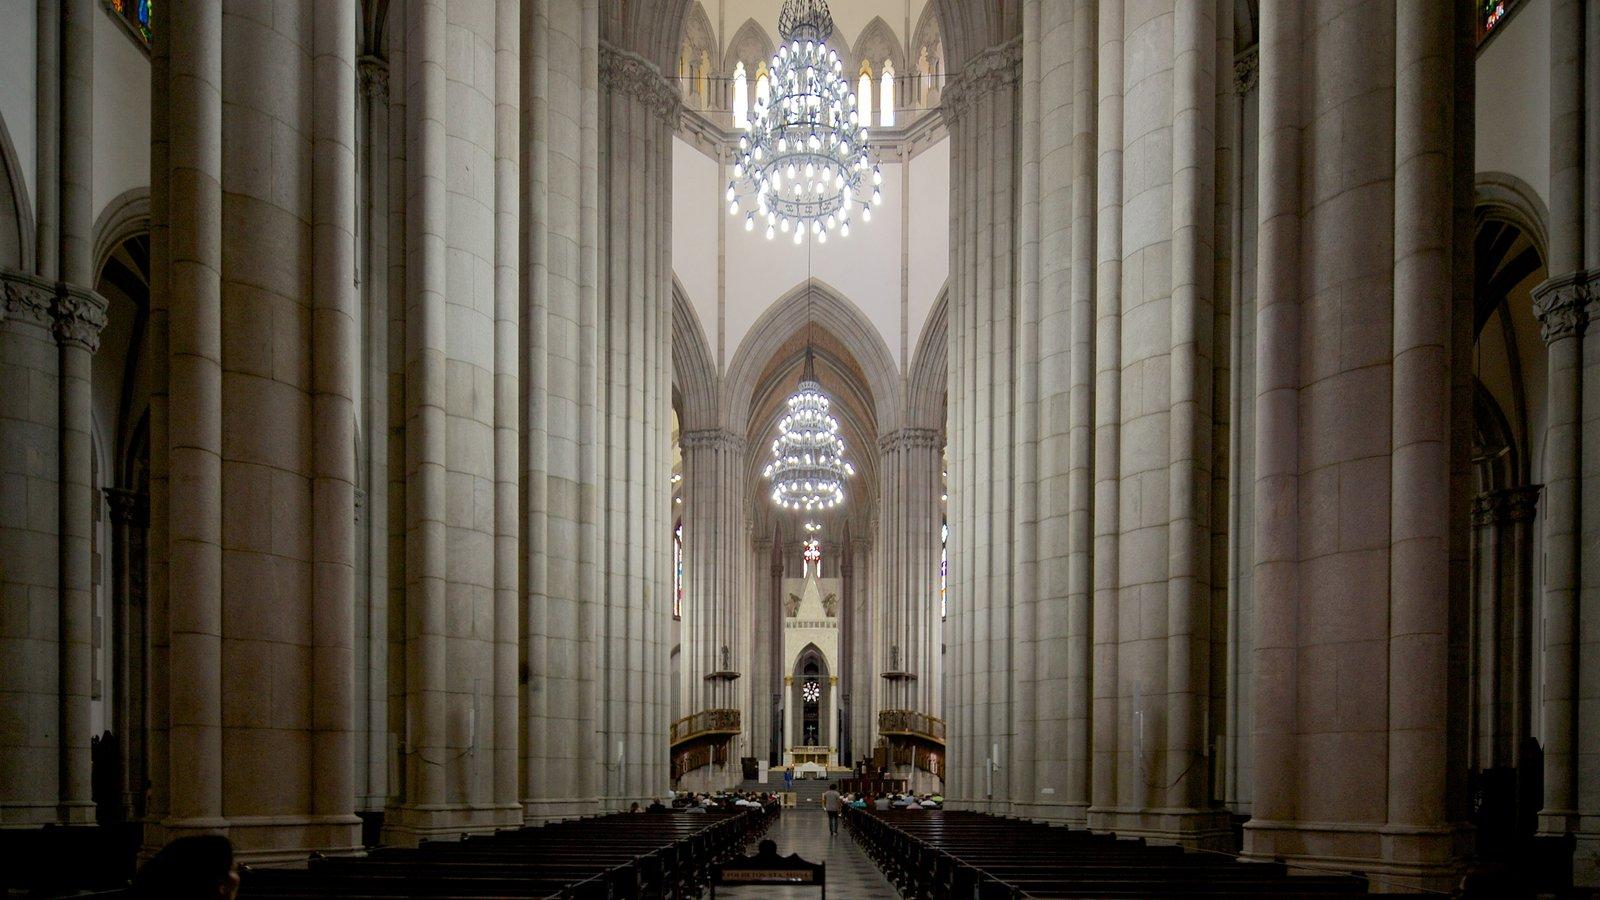 São Paulo que inclui uma igreja ou catedral, aspectos religiosos e vistas internas